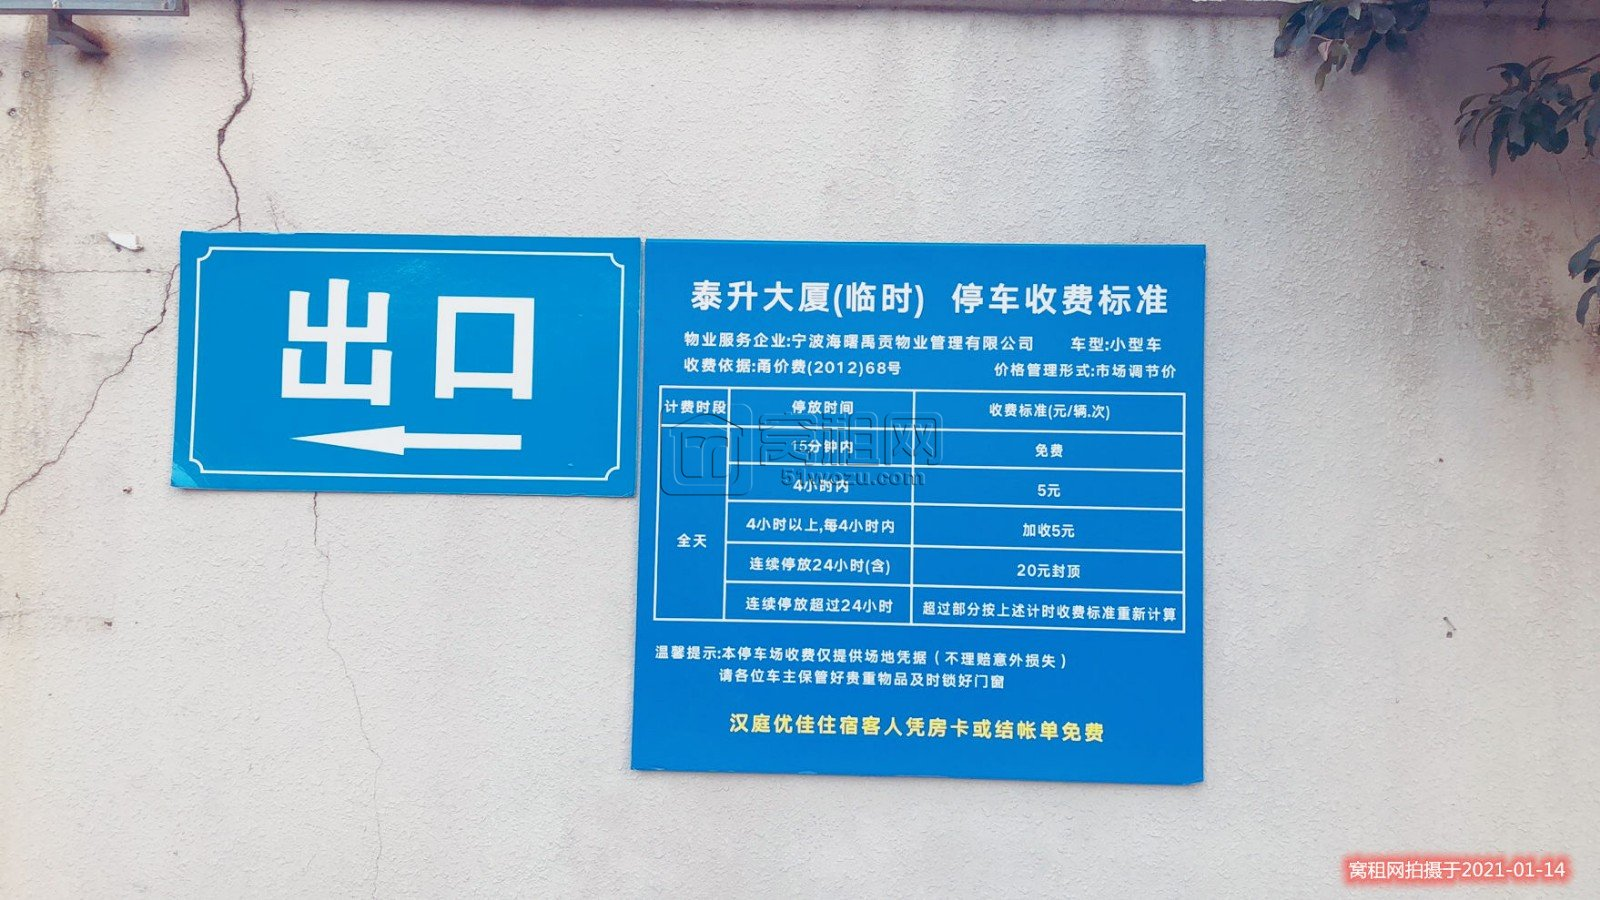 海曙区泰升大厦停车收费标准